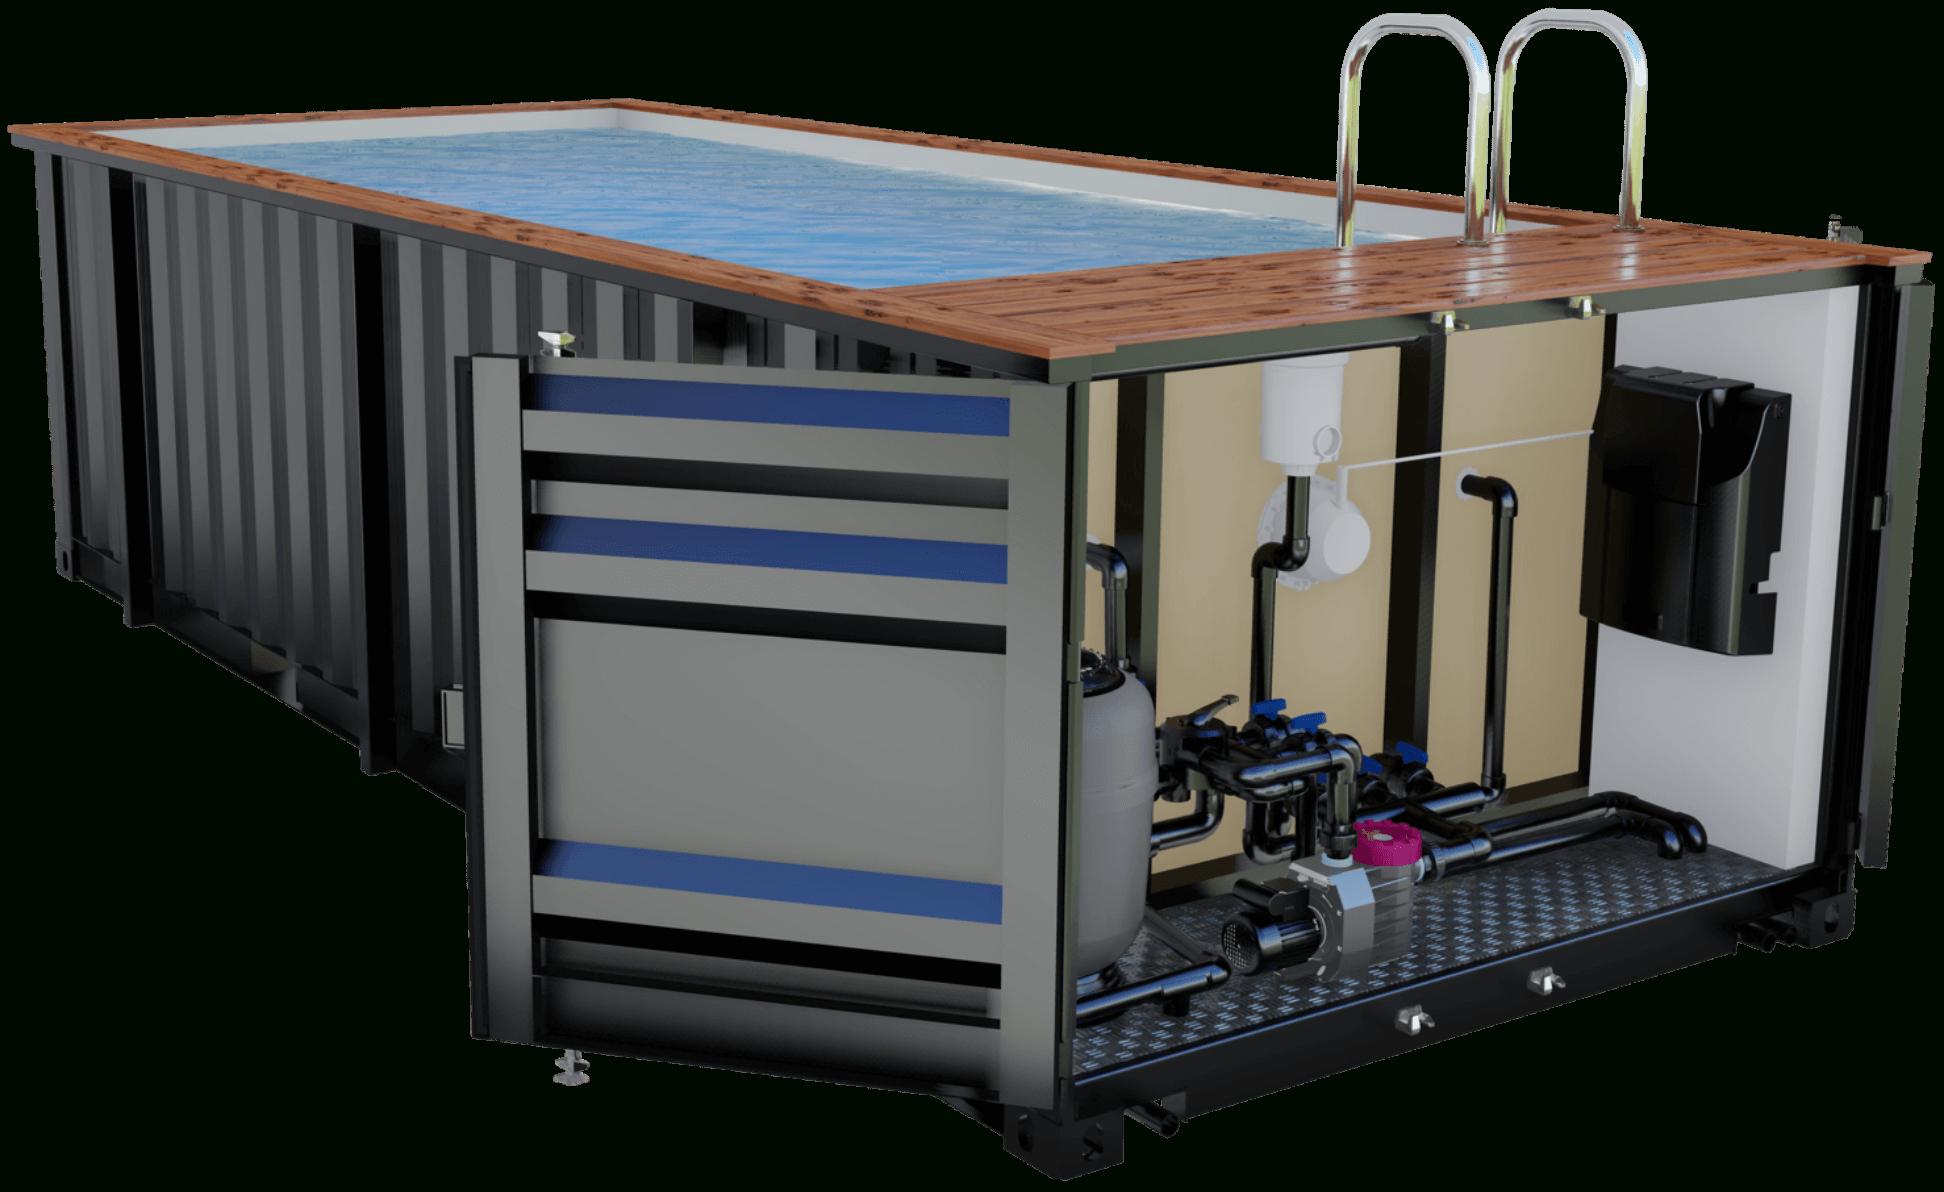 Kaseo   Piscine Container Écologique, Économique & Mobile tout Piscine Container France